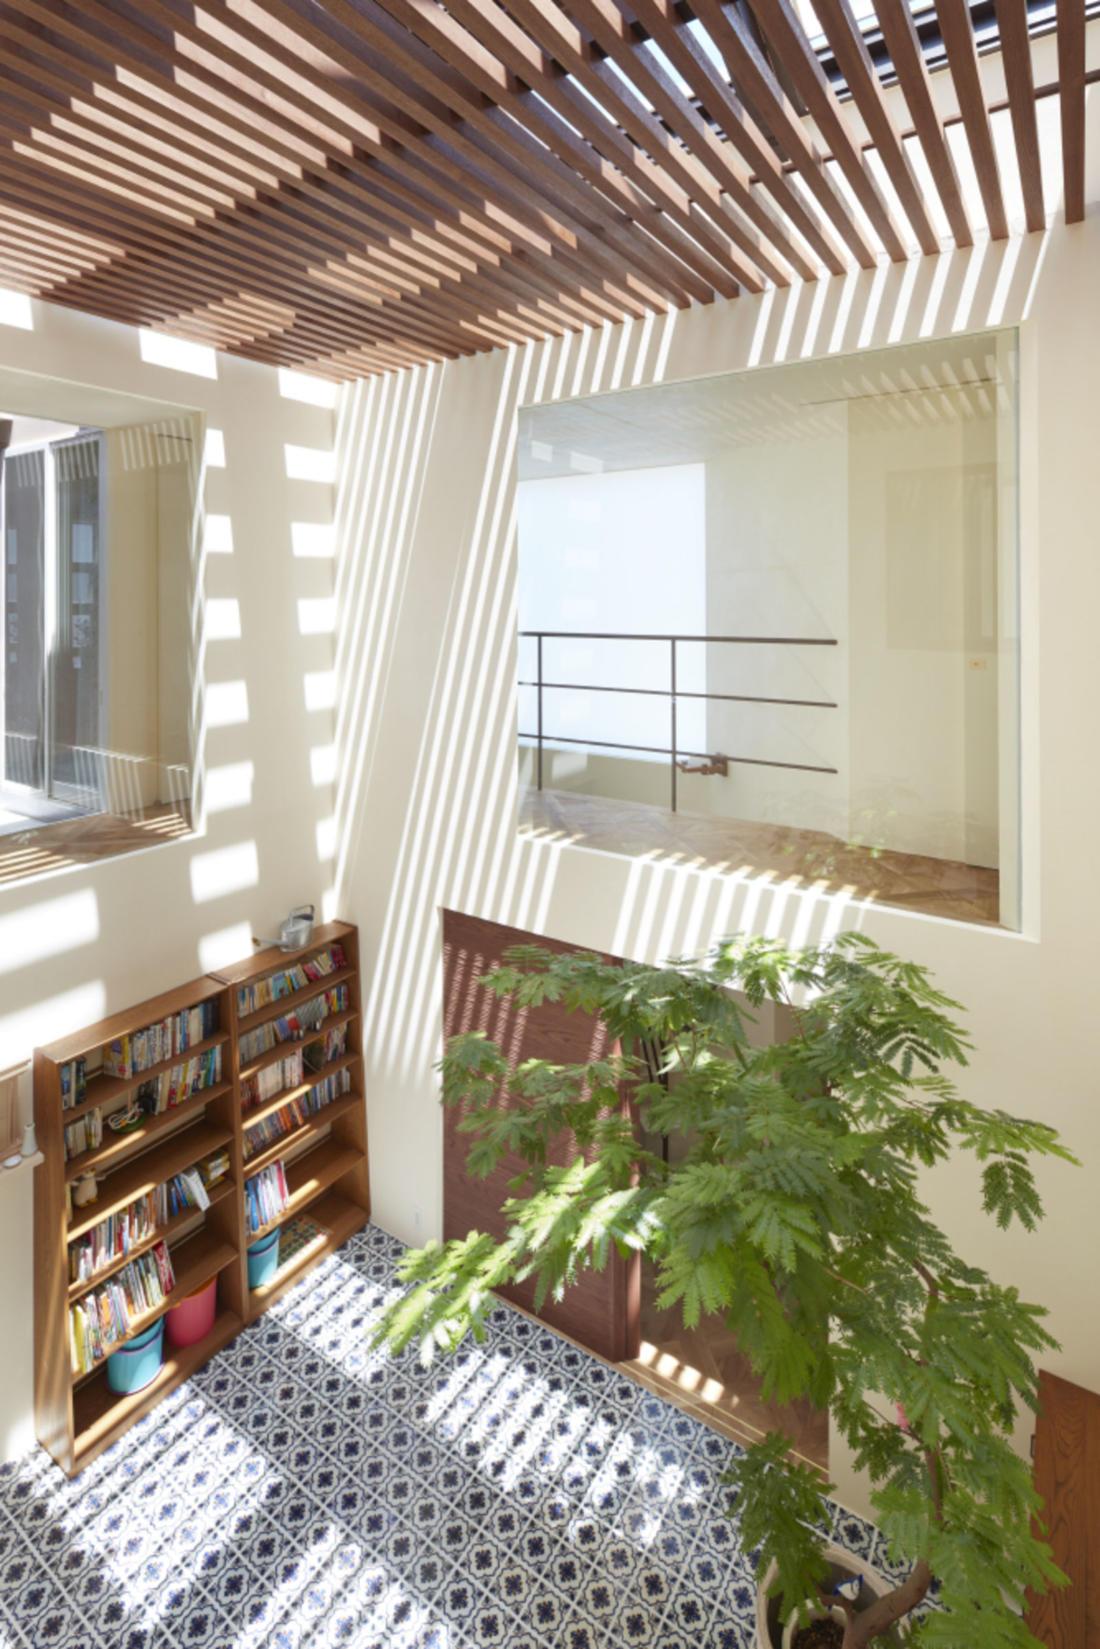 Дом в Хигасиосаке от ателье Fujiwaramuro Architects 9